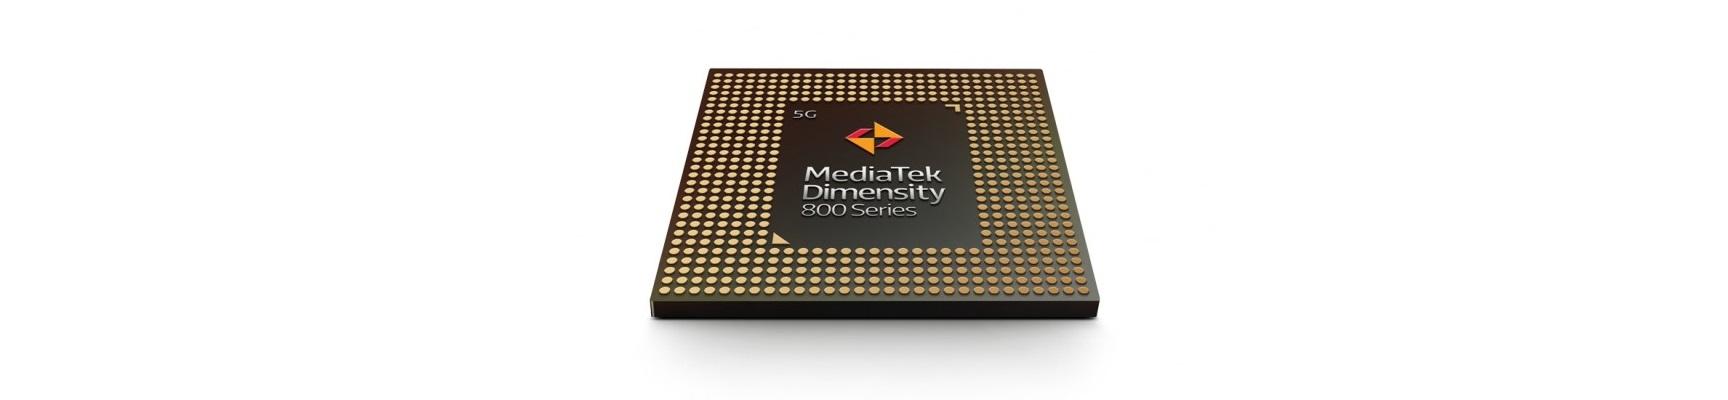 MediaTek Dimensity 800 - to dzięki niemu średniaki będą miały 5G